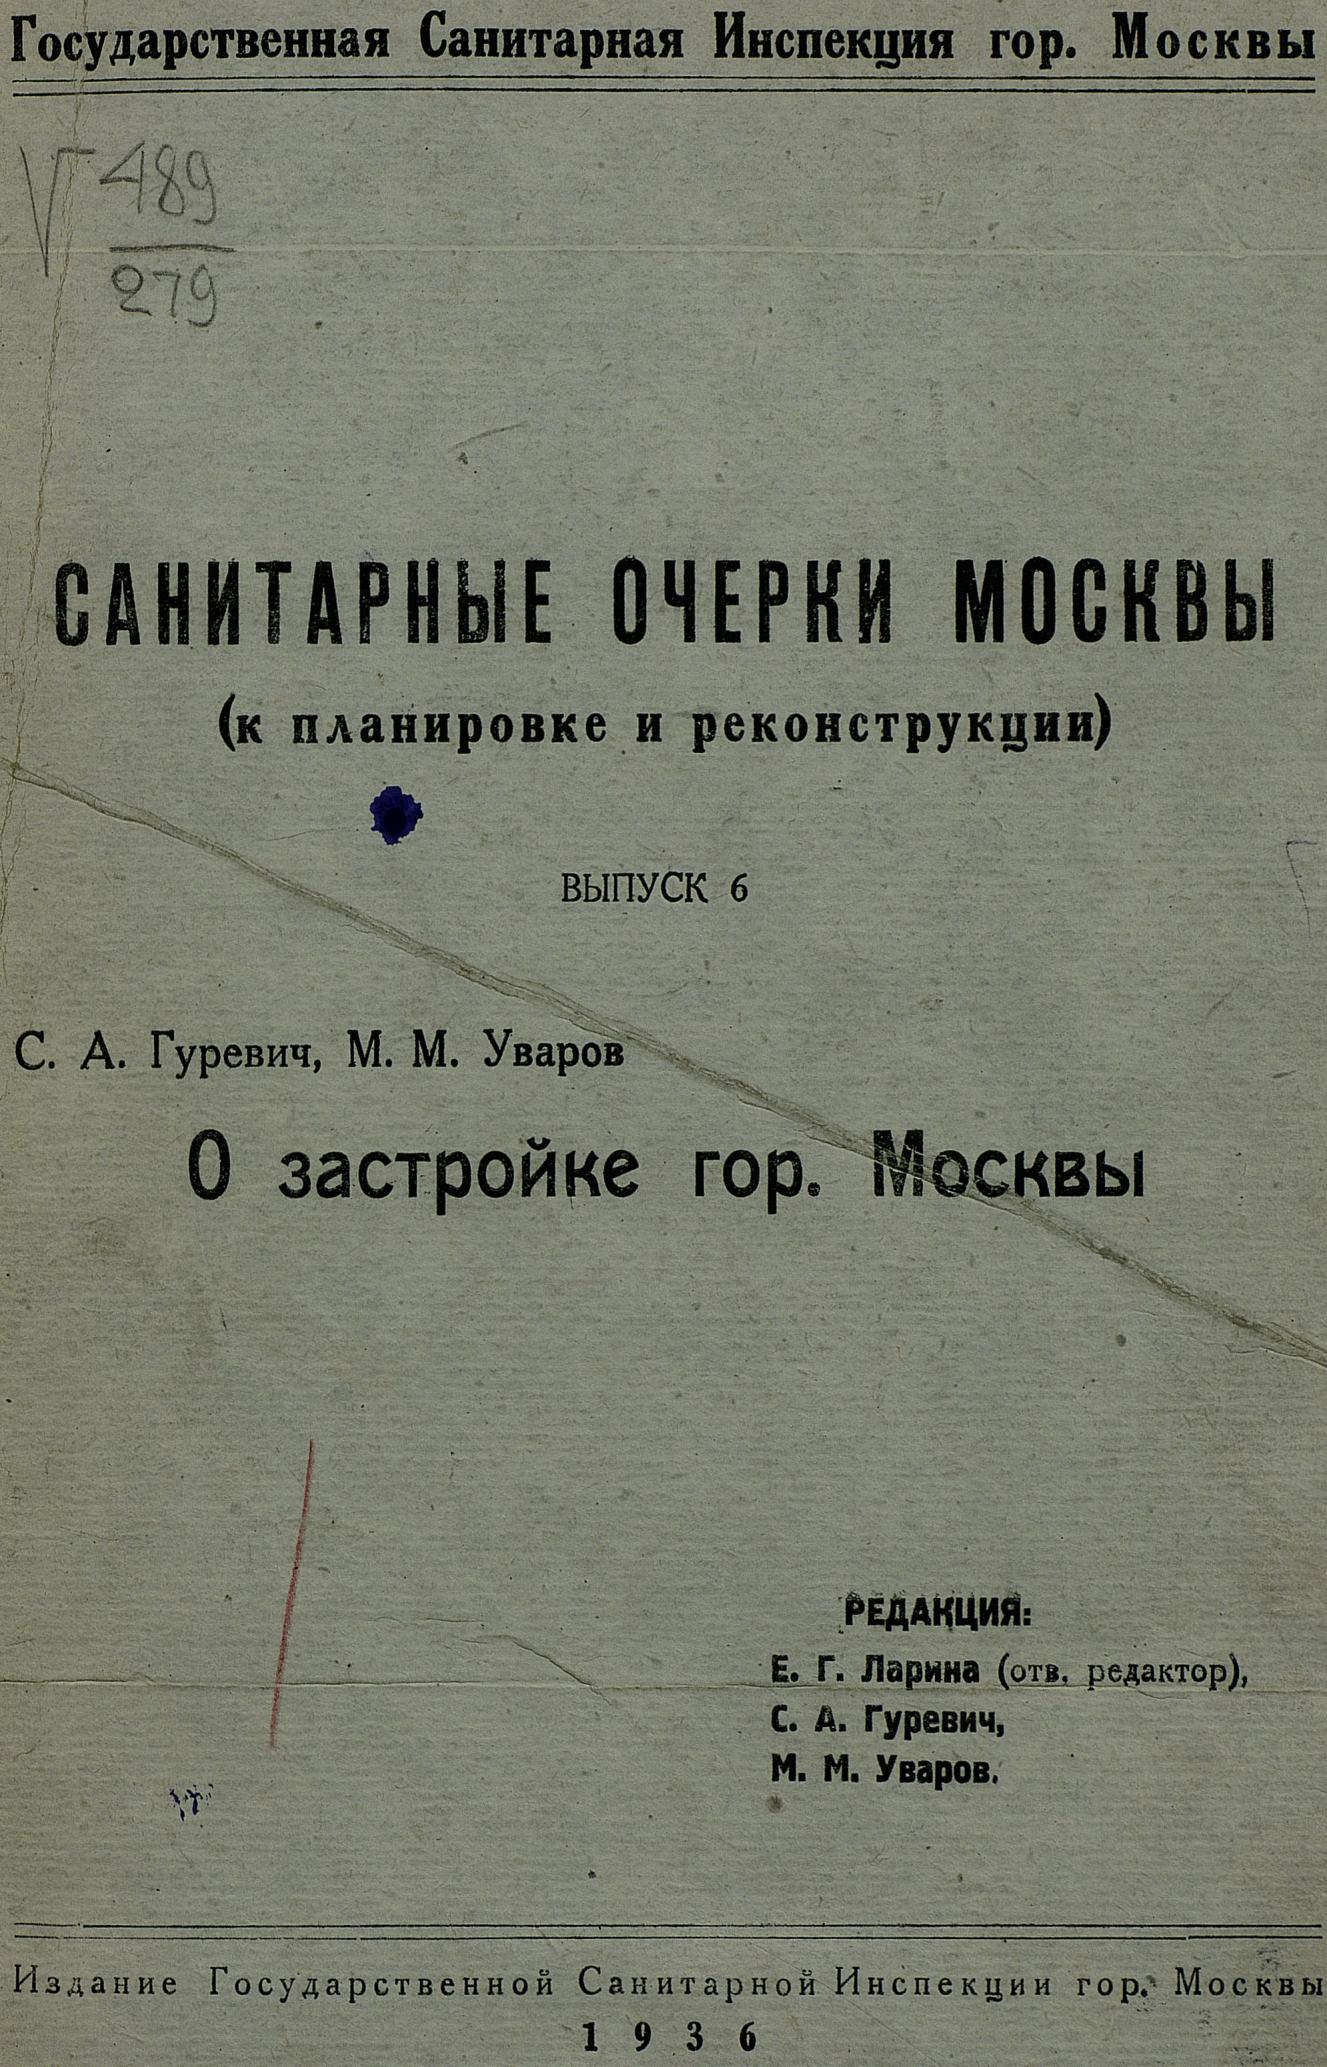 gurevich-uvarov-o-zastroike-moskvy-1936_Page5.jpg